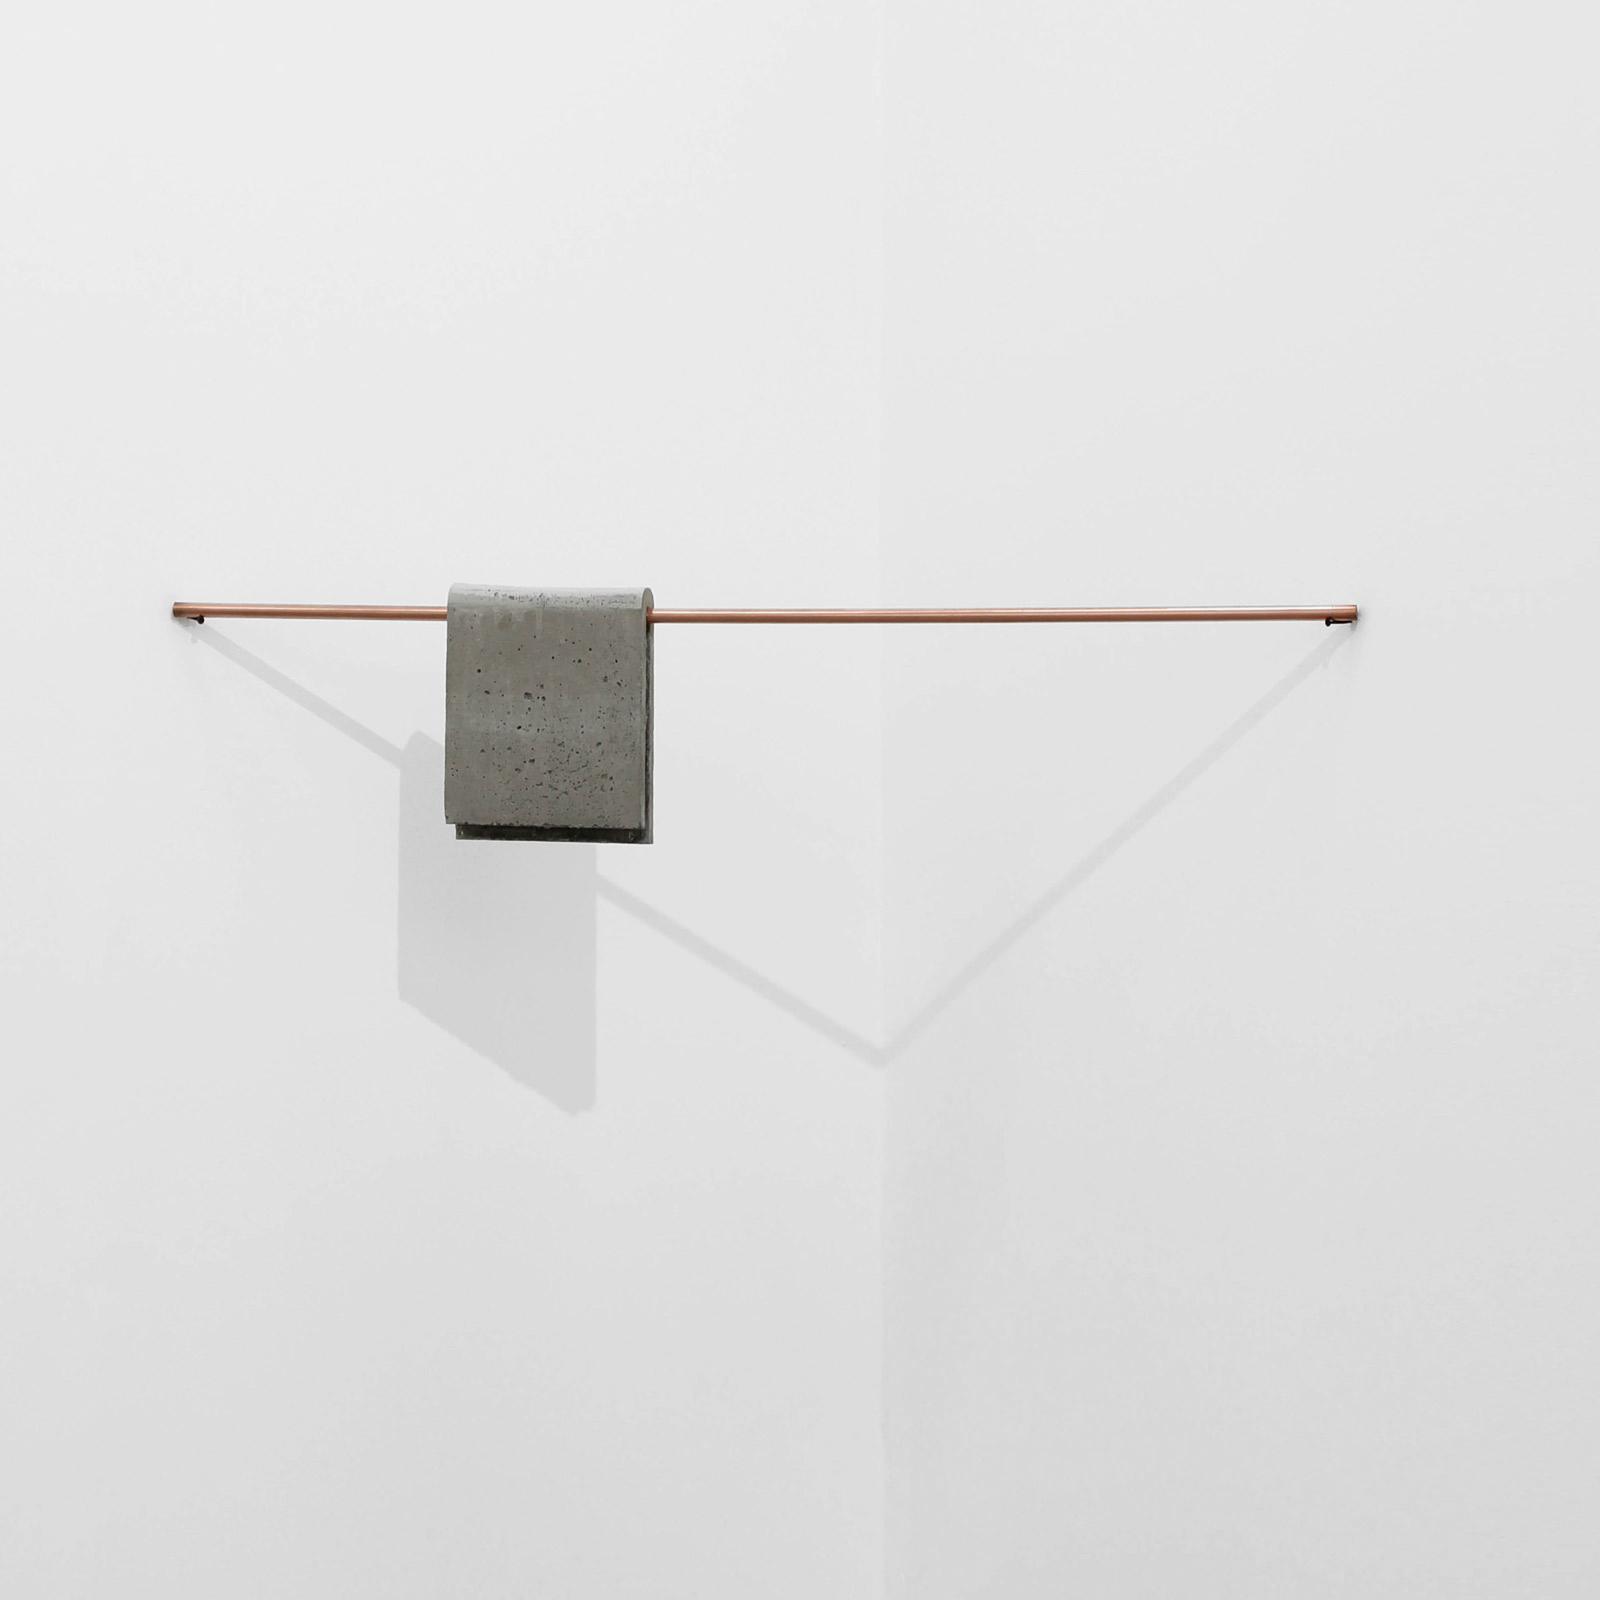 sem título , 2014  concreto, vergalhão de cobre maciço e parafusos  27 x 126 x 6 cm  edição de 5 + 2 PA